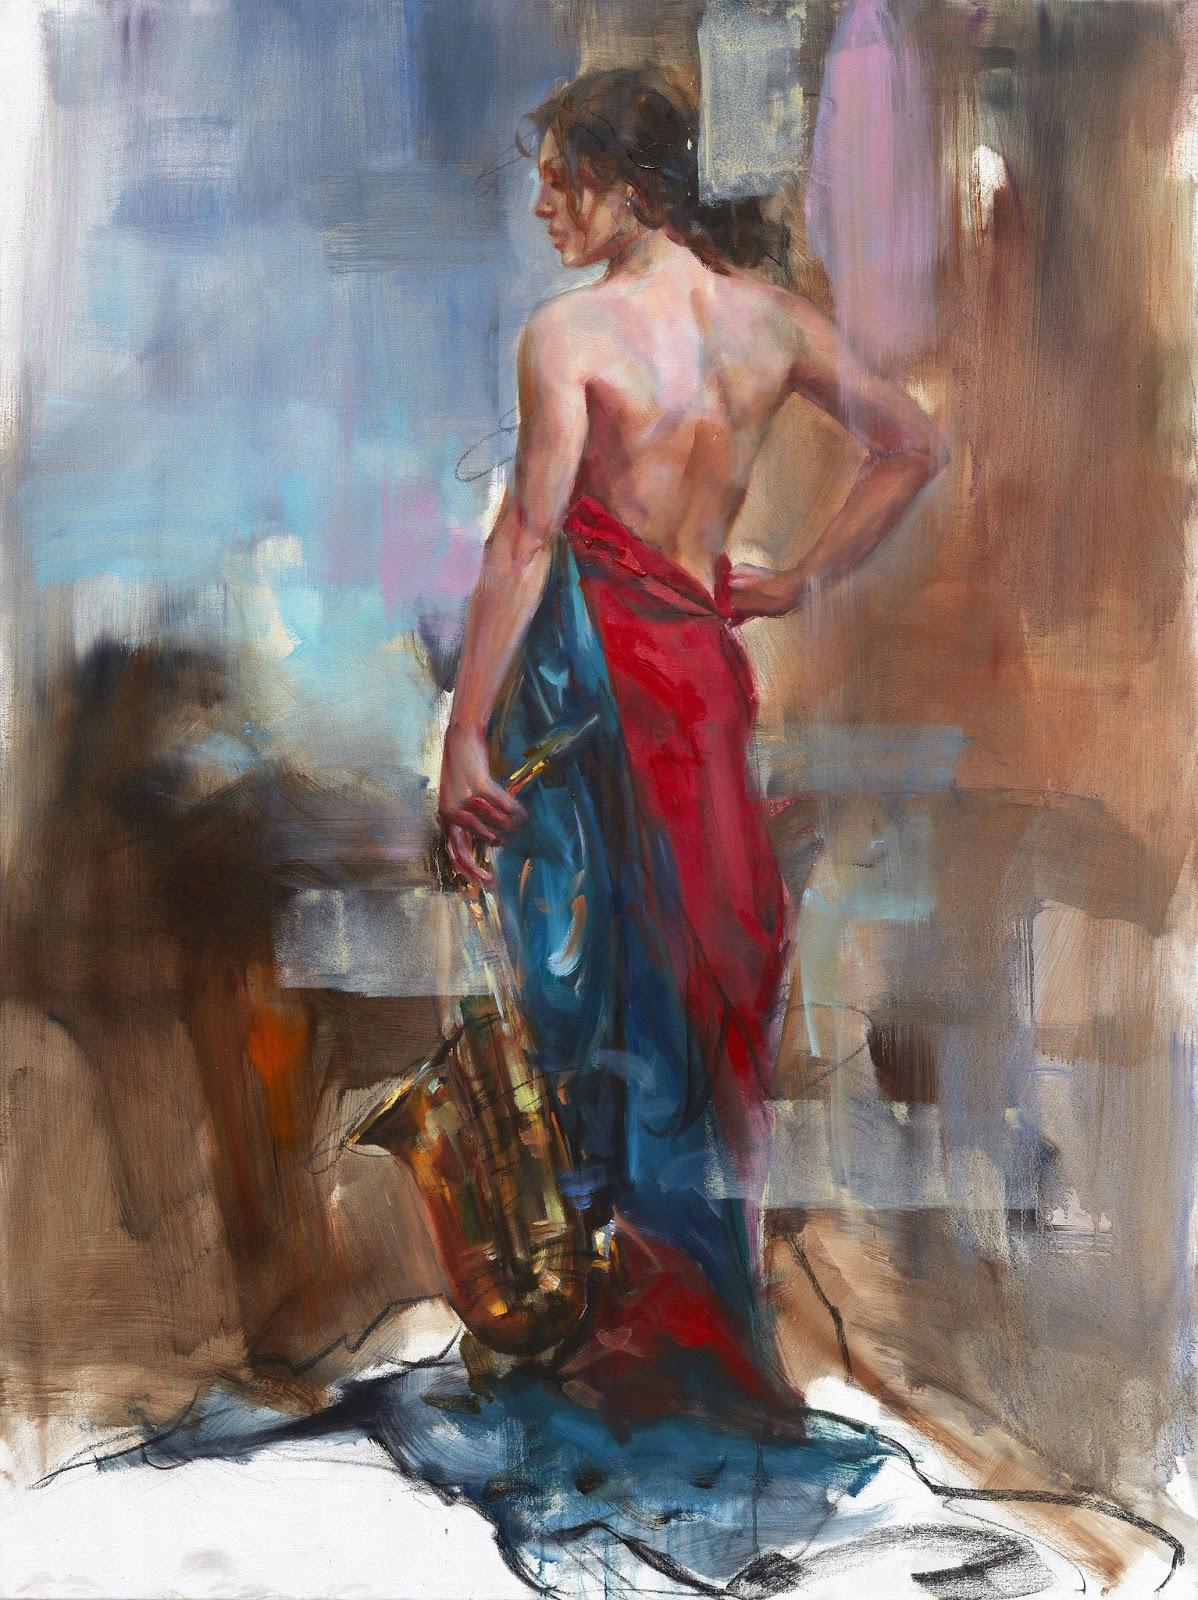 Anna Razumovskaya  ody and Soul